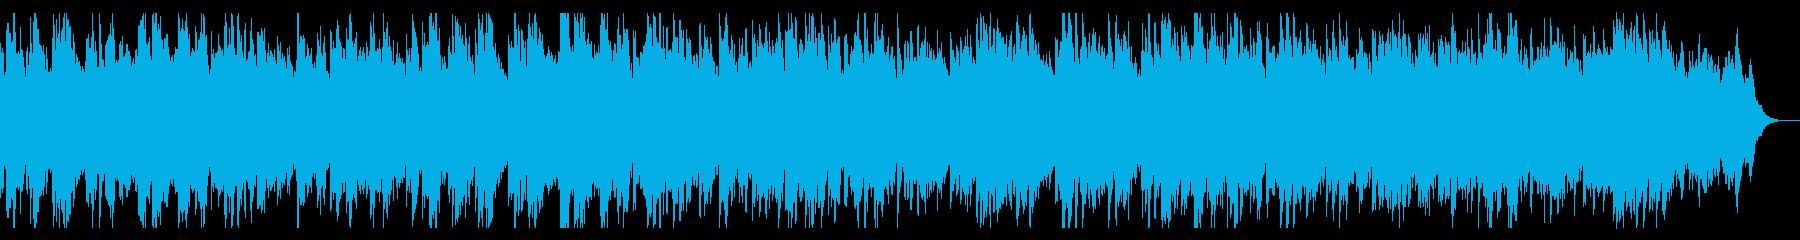 切なくダークな雰囲気のアルペジオの再生済みの波形